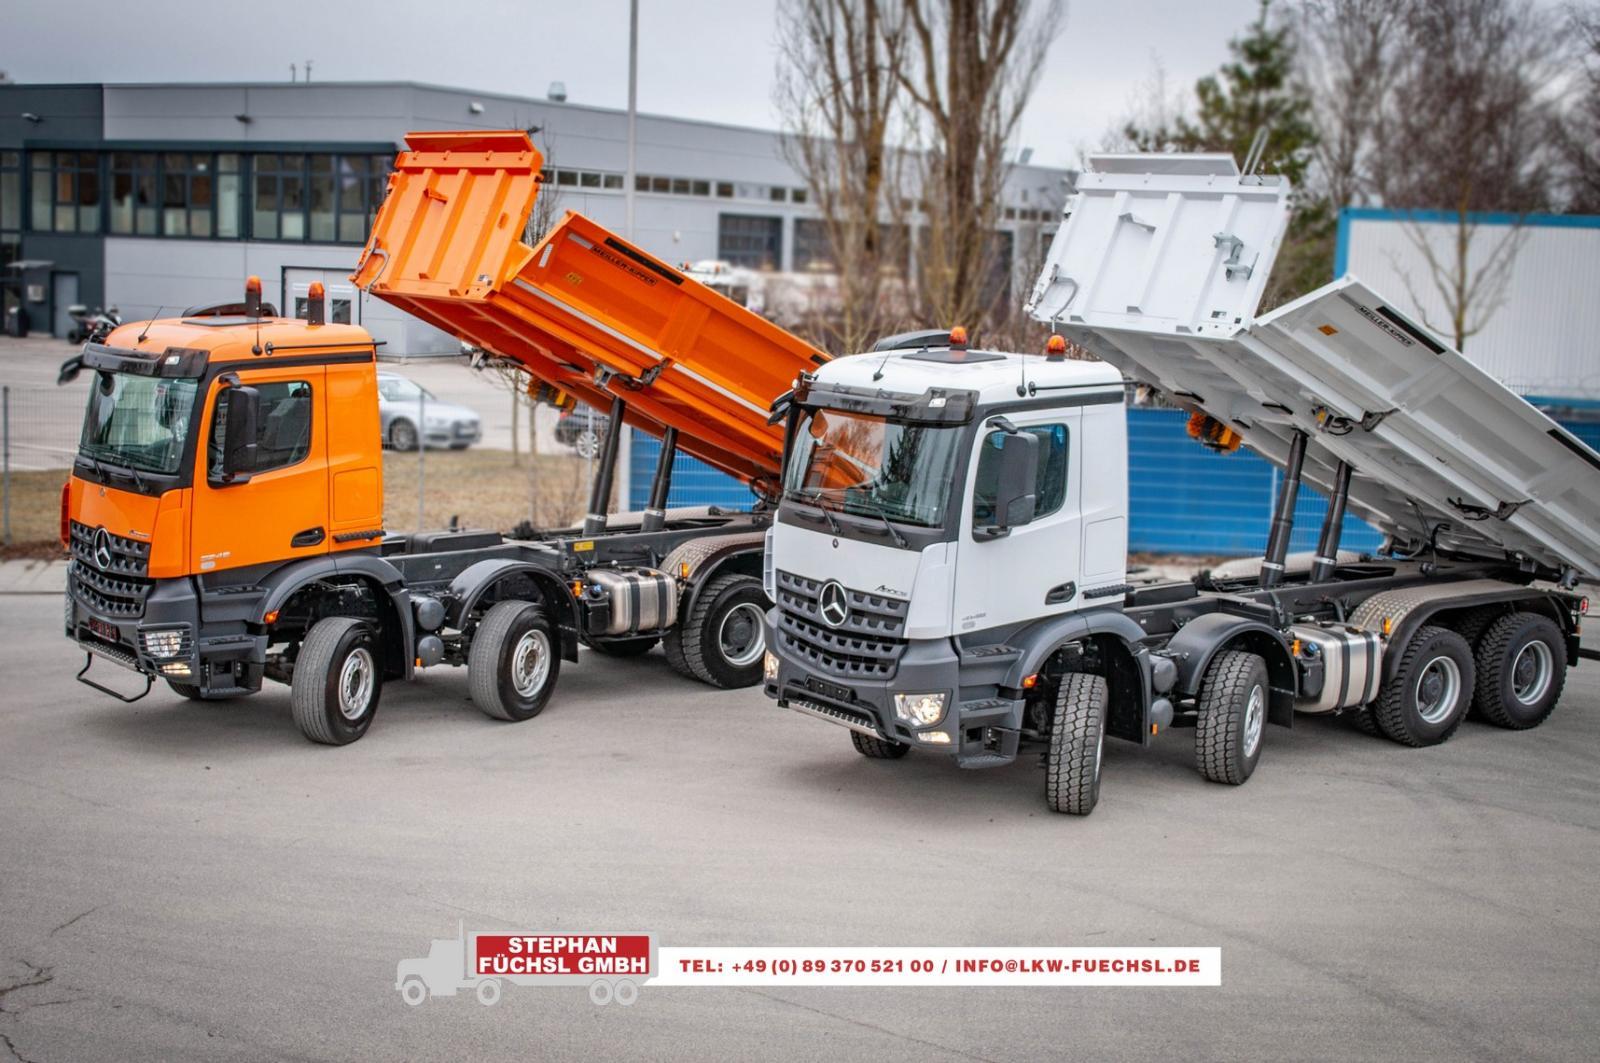 Füchsl GmbH - LKW - Baufahrzeuge - Entsorgungsfahrzeuge